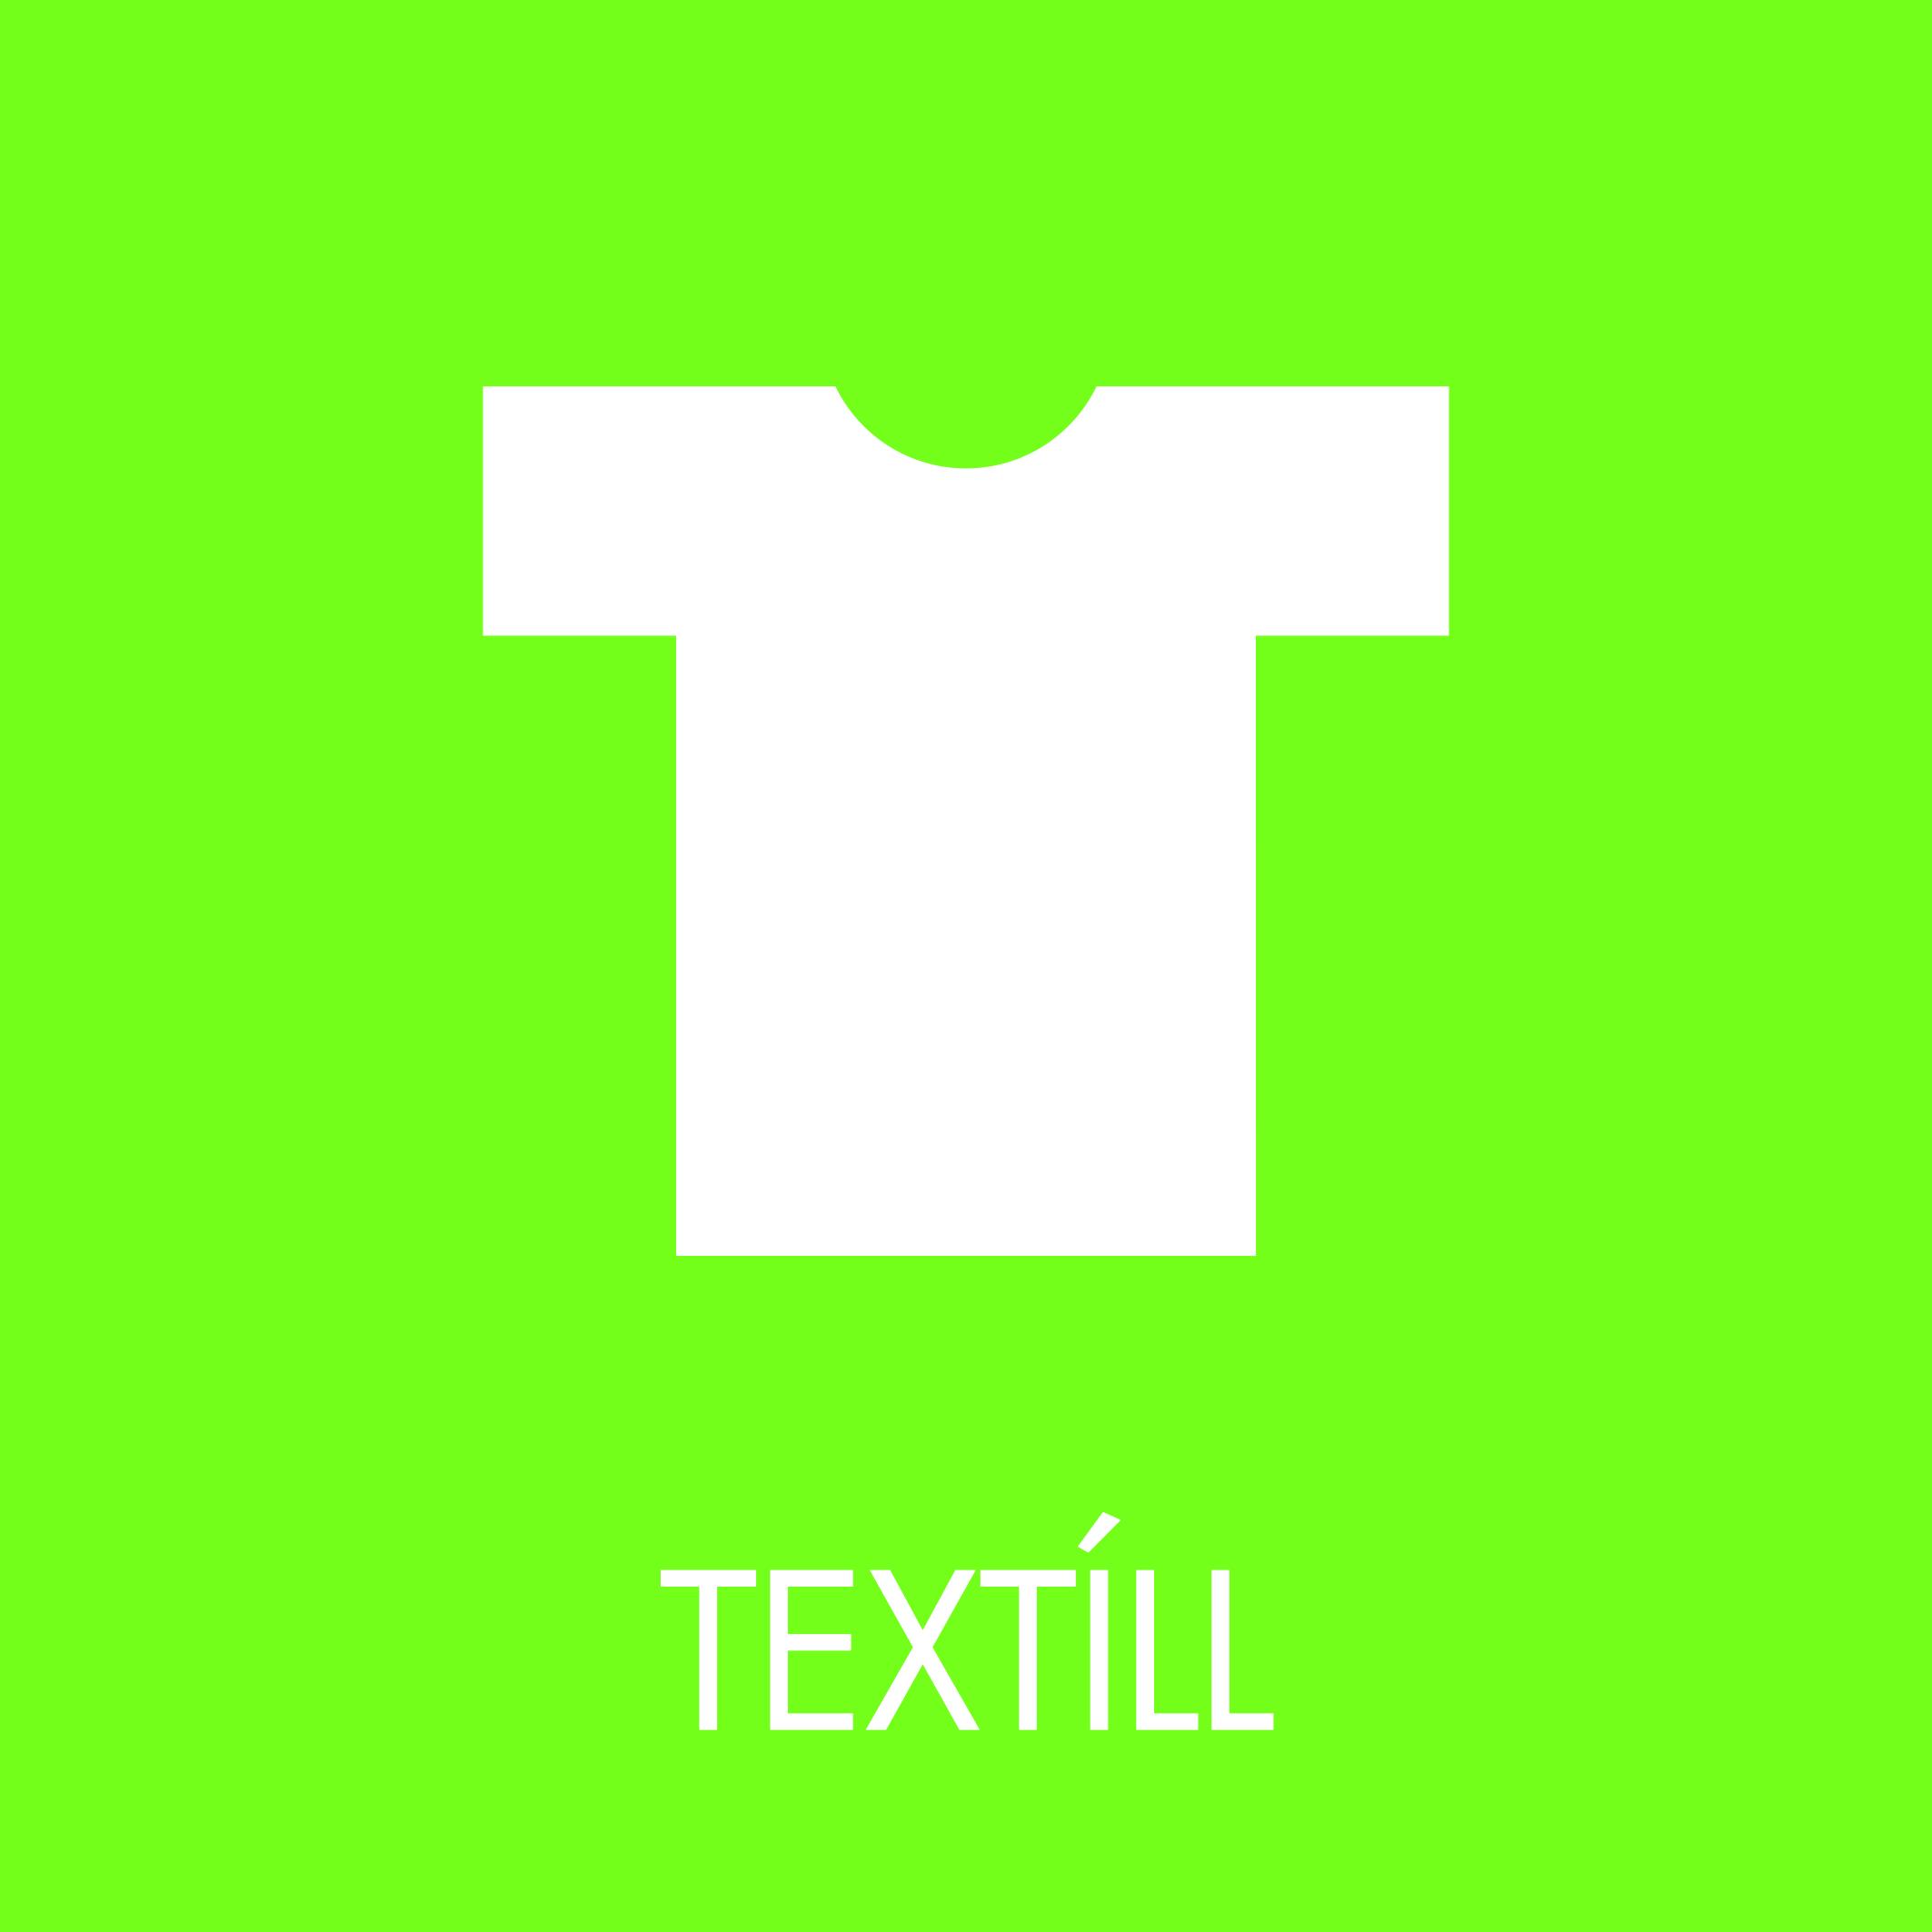 Textíll